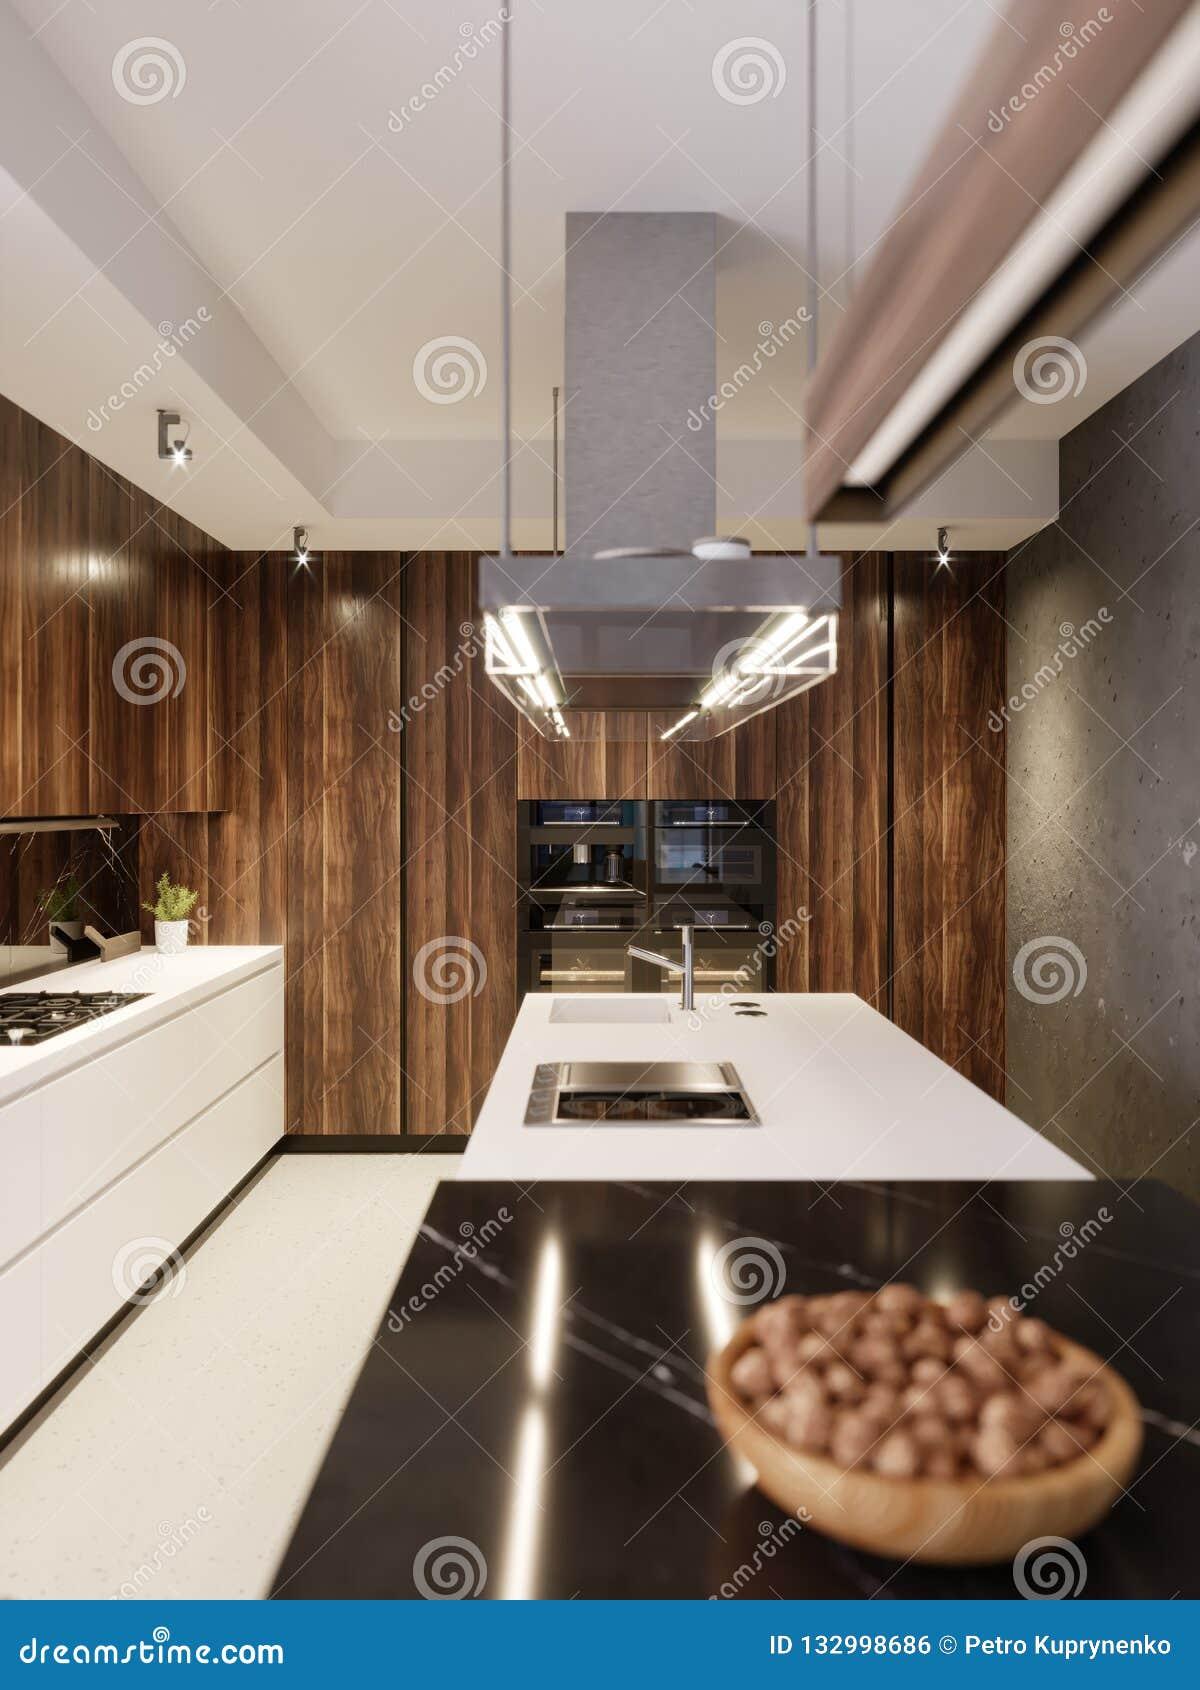 Luxurious Designer Kitchen With Bar, Kitchen Island And ...